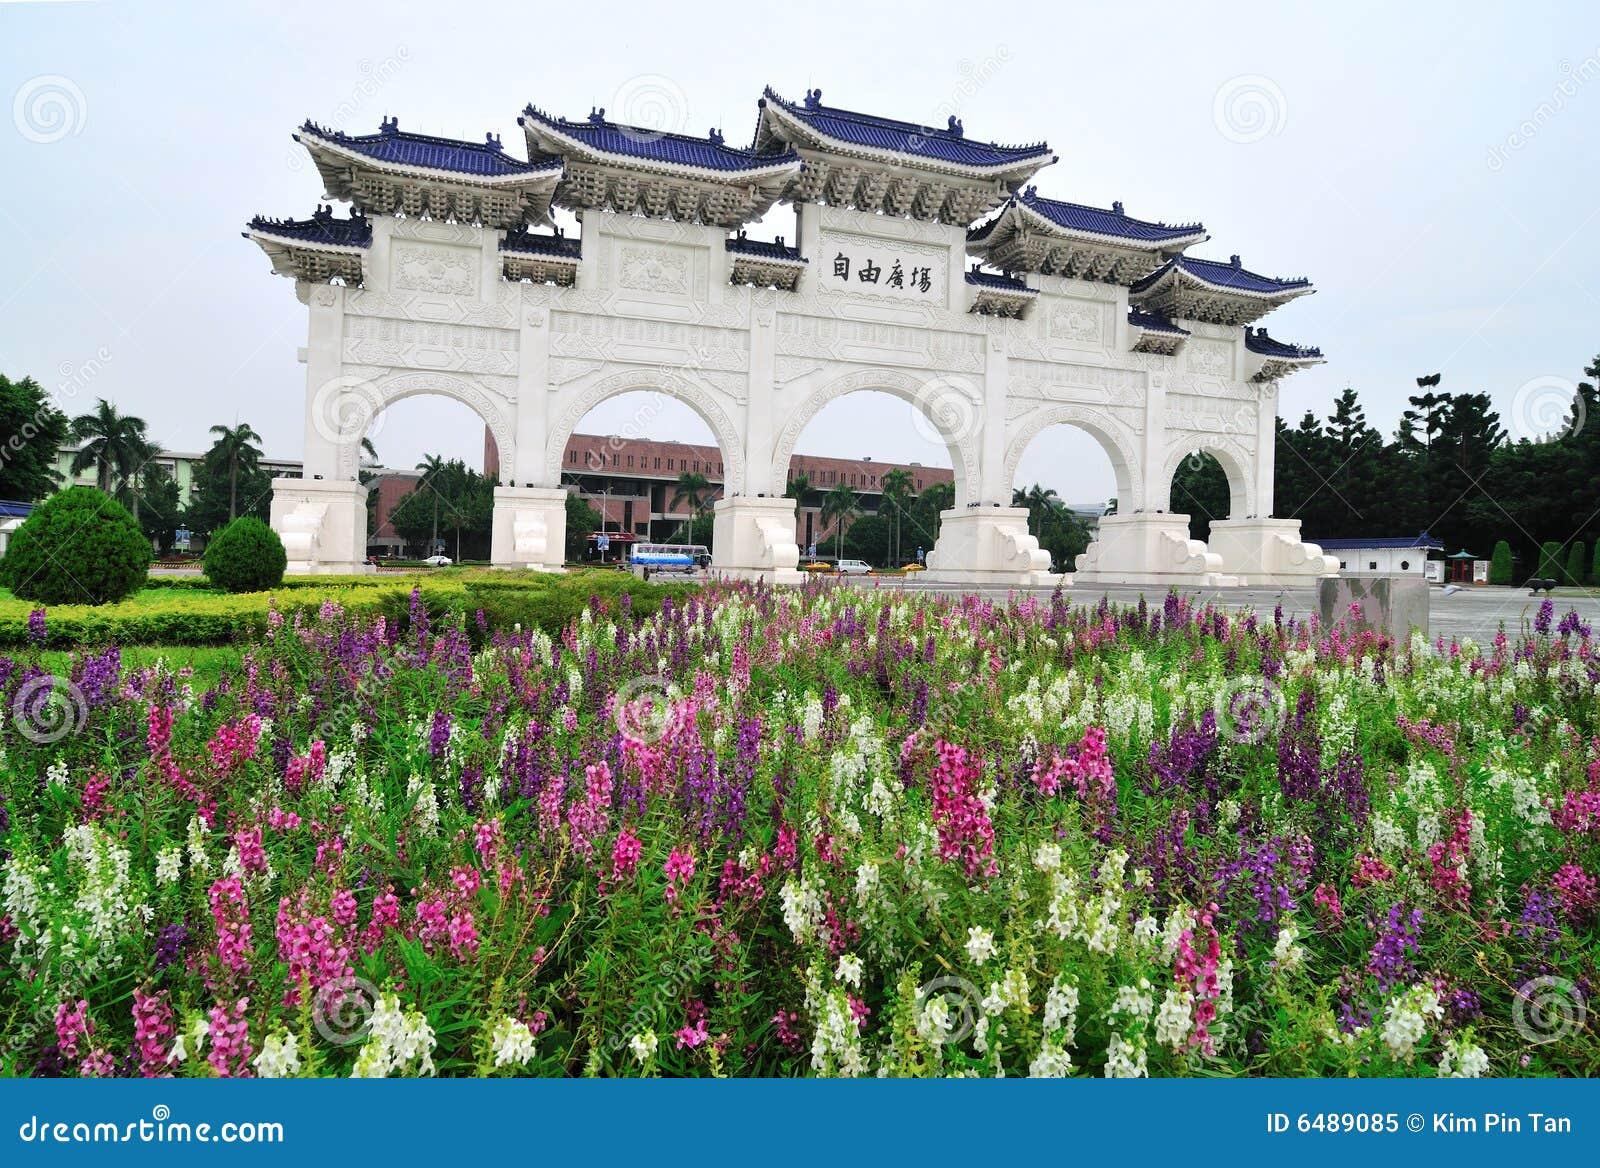 Taiwan National Chiang Kai Shek Memorial Hall Royalty Free